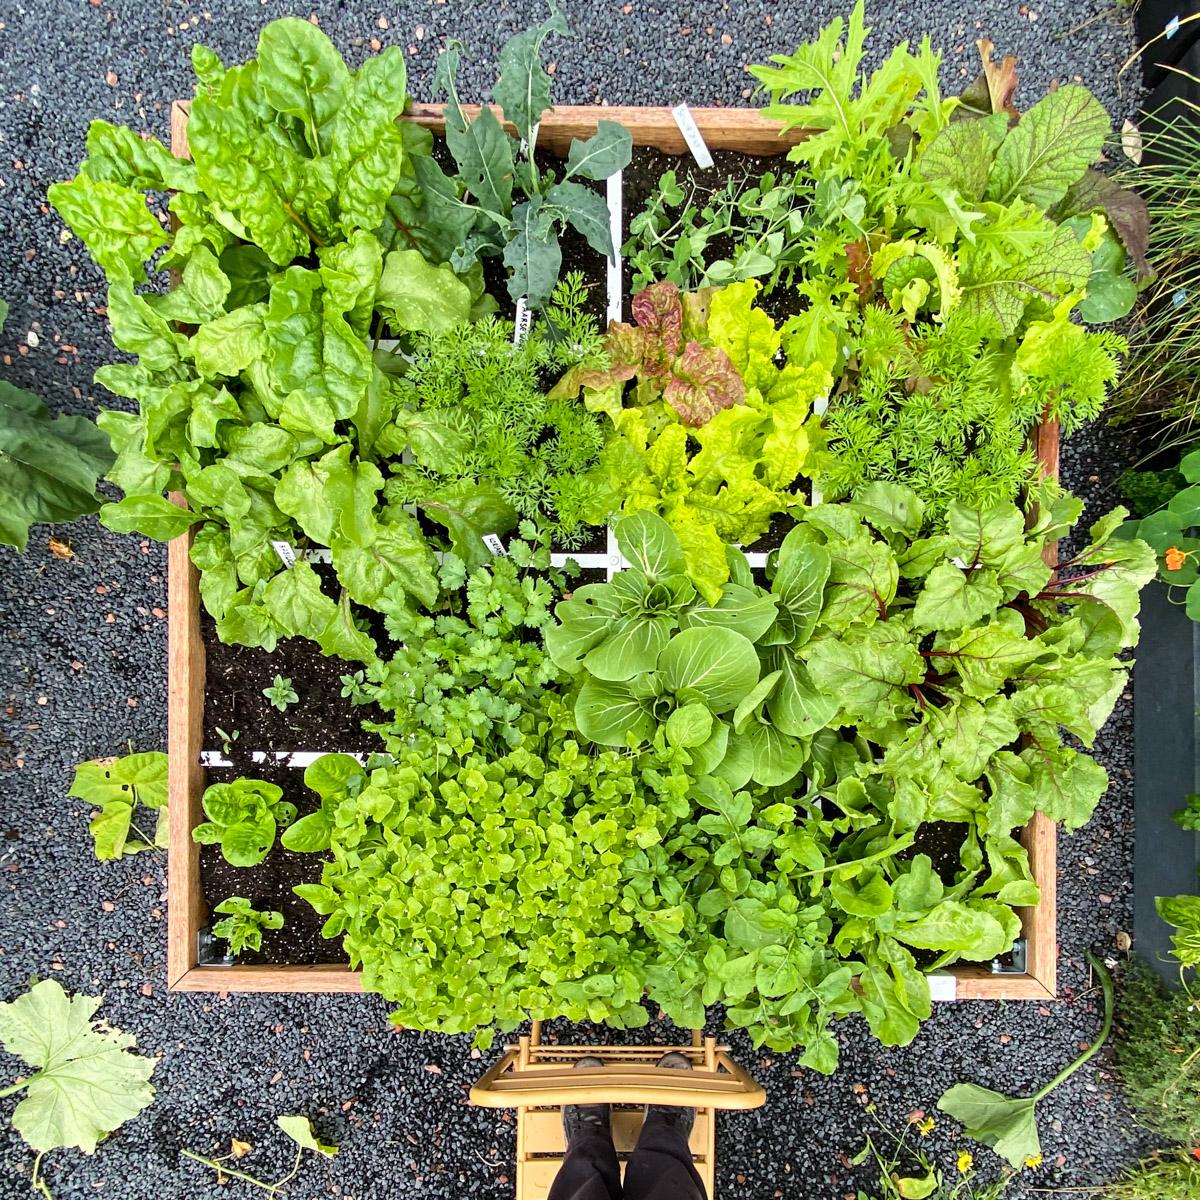 blog-early-august-in-the-vegetable-garden9.jpg